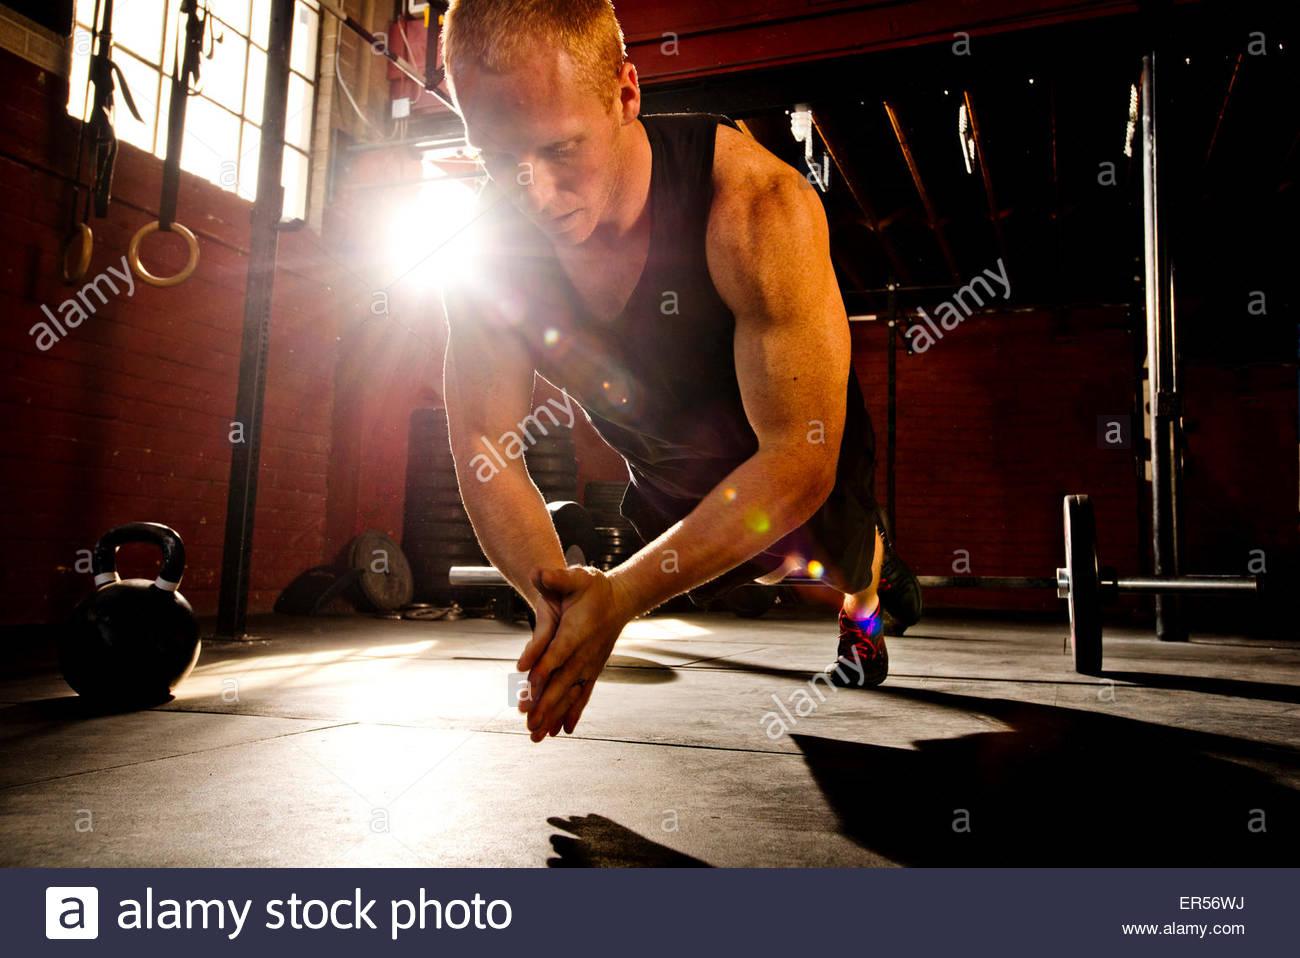 Ein Crossfit Athlet klappt in einem Crossfit Gym. Stockbild